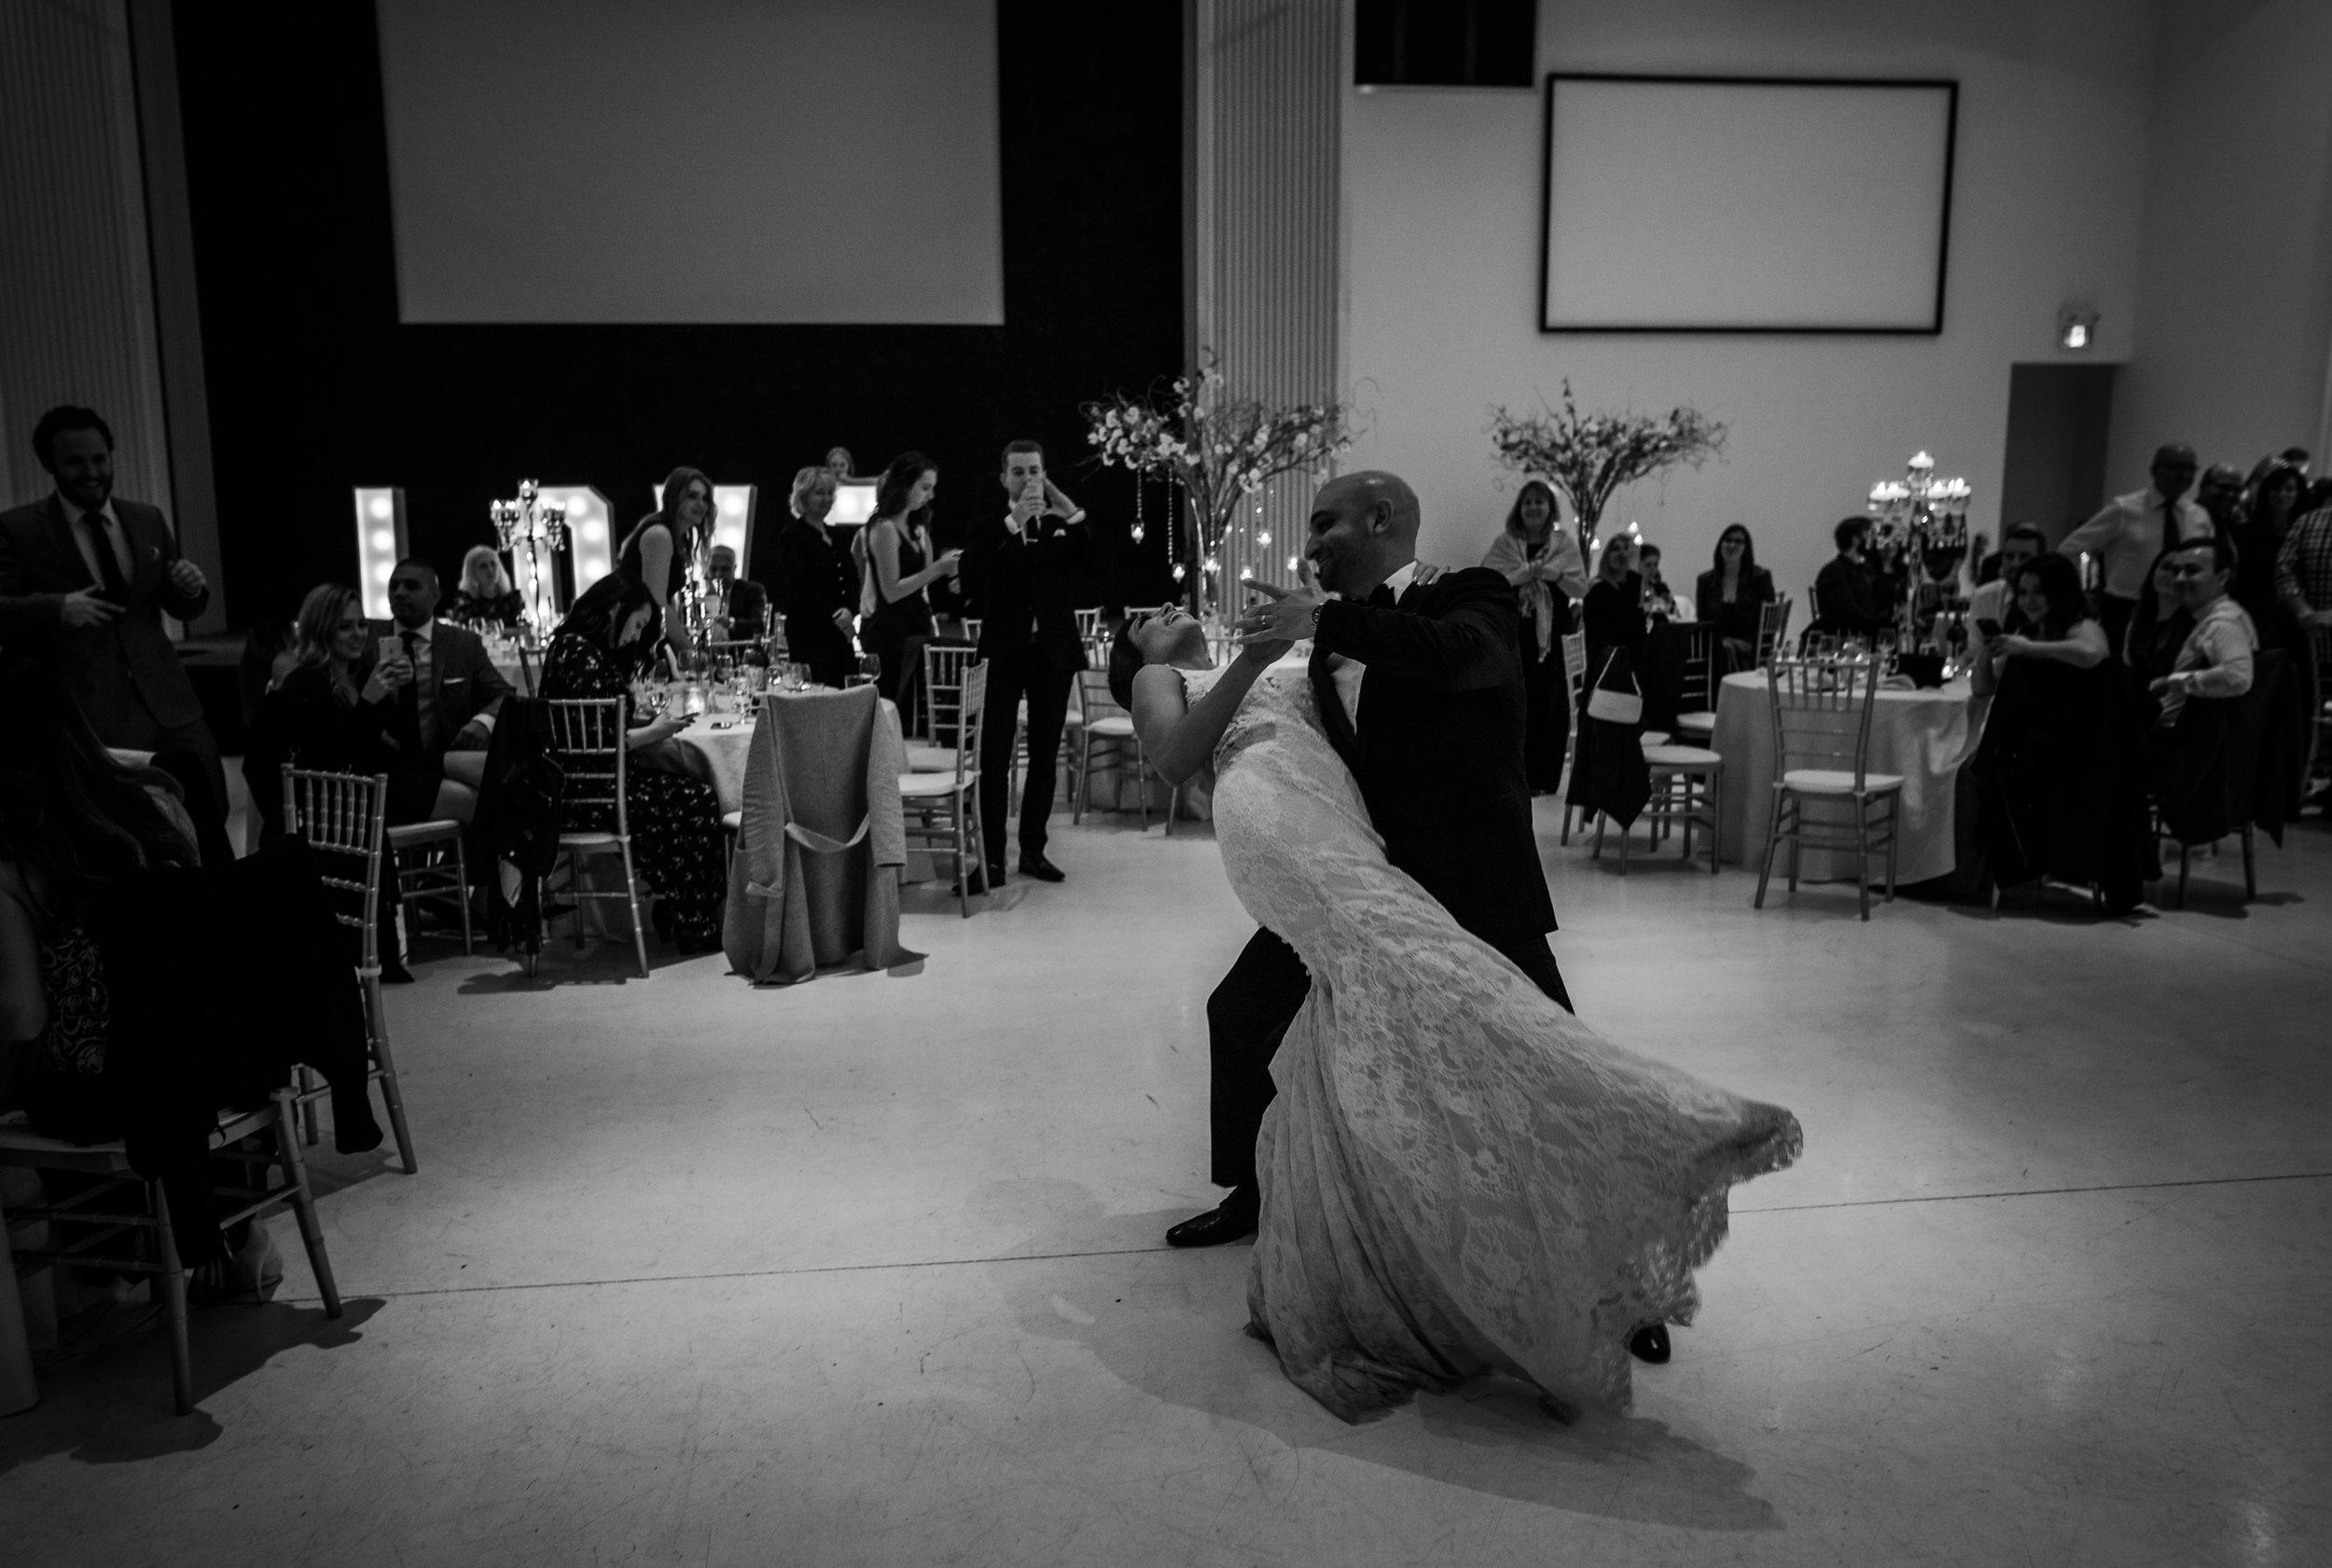 Pitt Meadows Wedding Photographer - Sky Hangar Wedding Photos - Vancouver Wedding Photographer & Videographer - Sunshine Coast Wedding Photos - Sunshine Coast Wedding Photographer - Jennifer Picard Photography - 1A5A6628.jpg